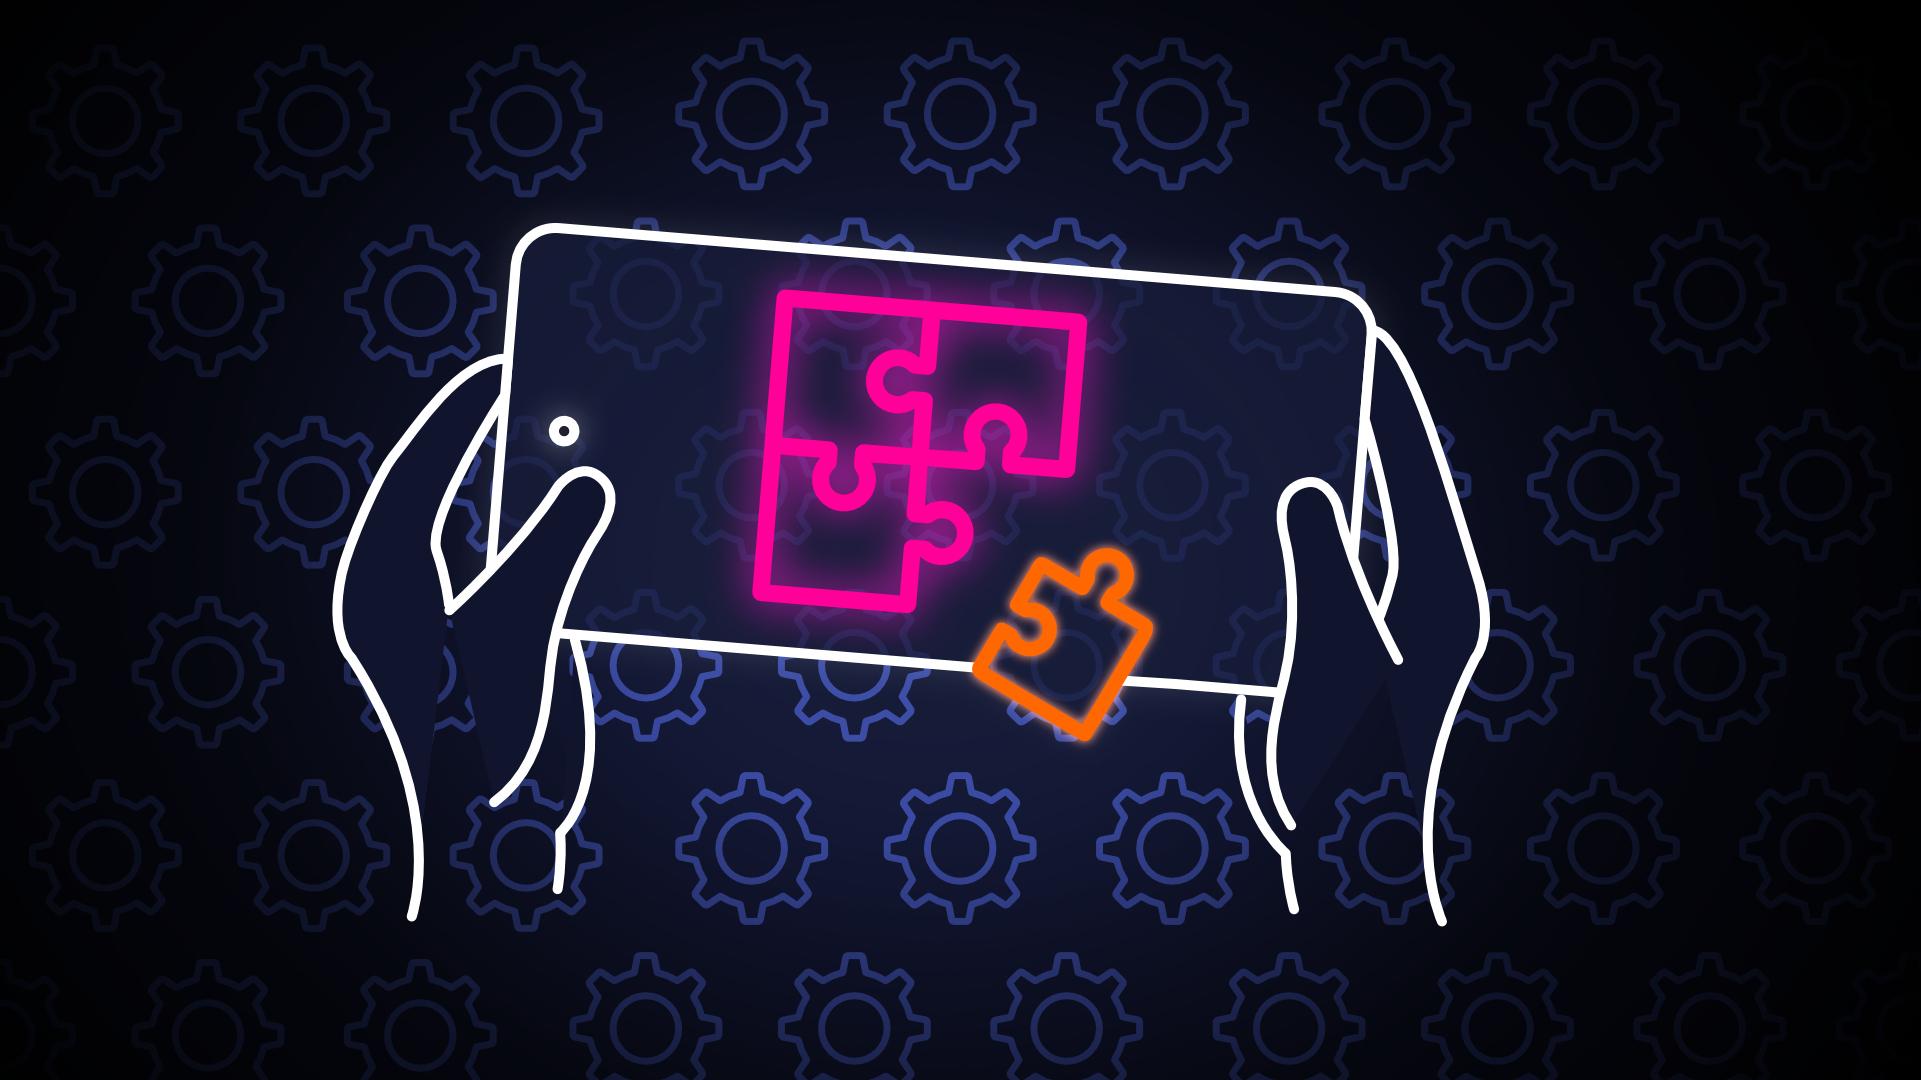 Les Meilleurs Jeux De Réflexion Gratuits Et Payants Sur Android avec Jeux De Logique Gratuits